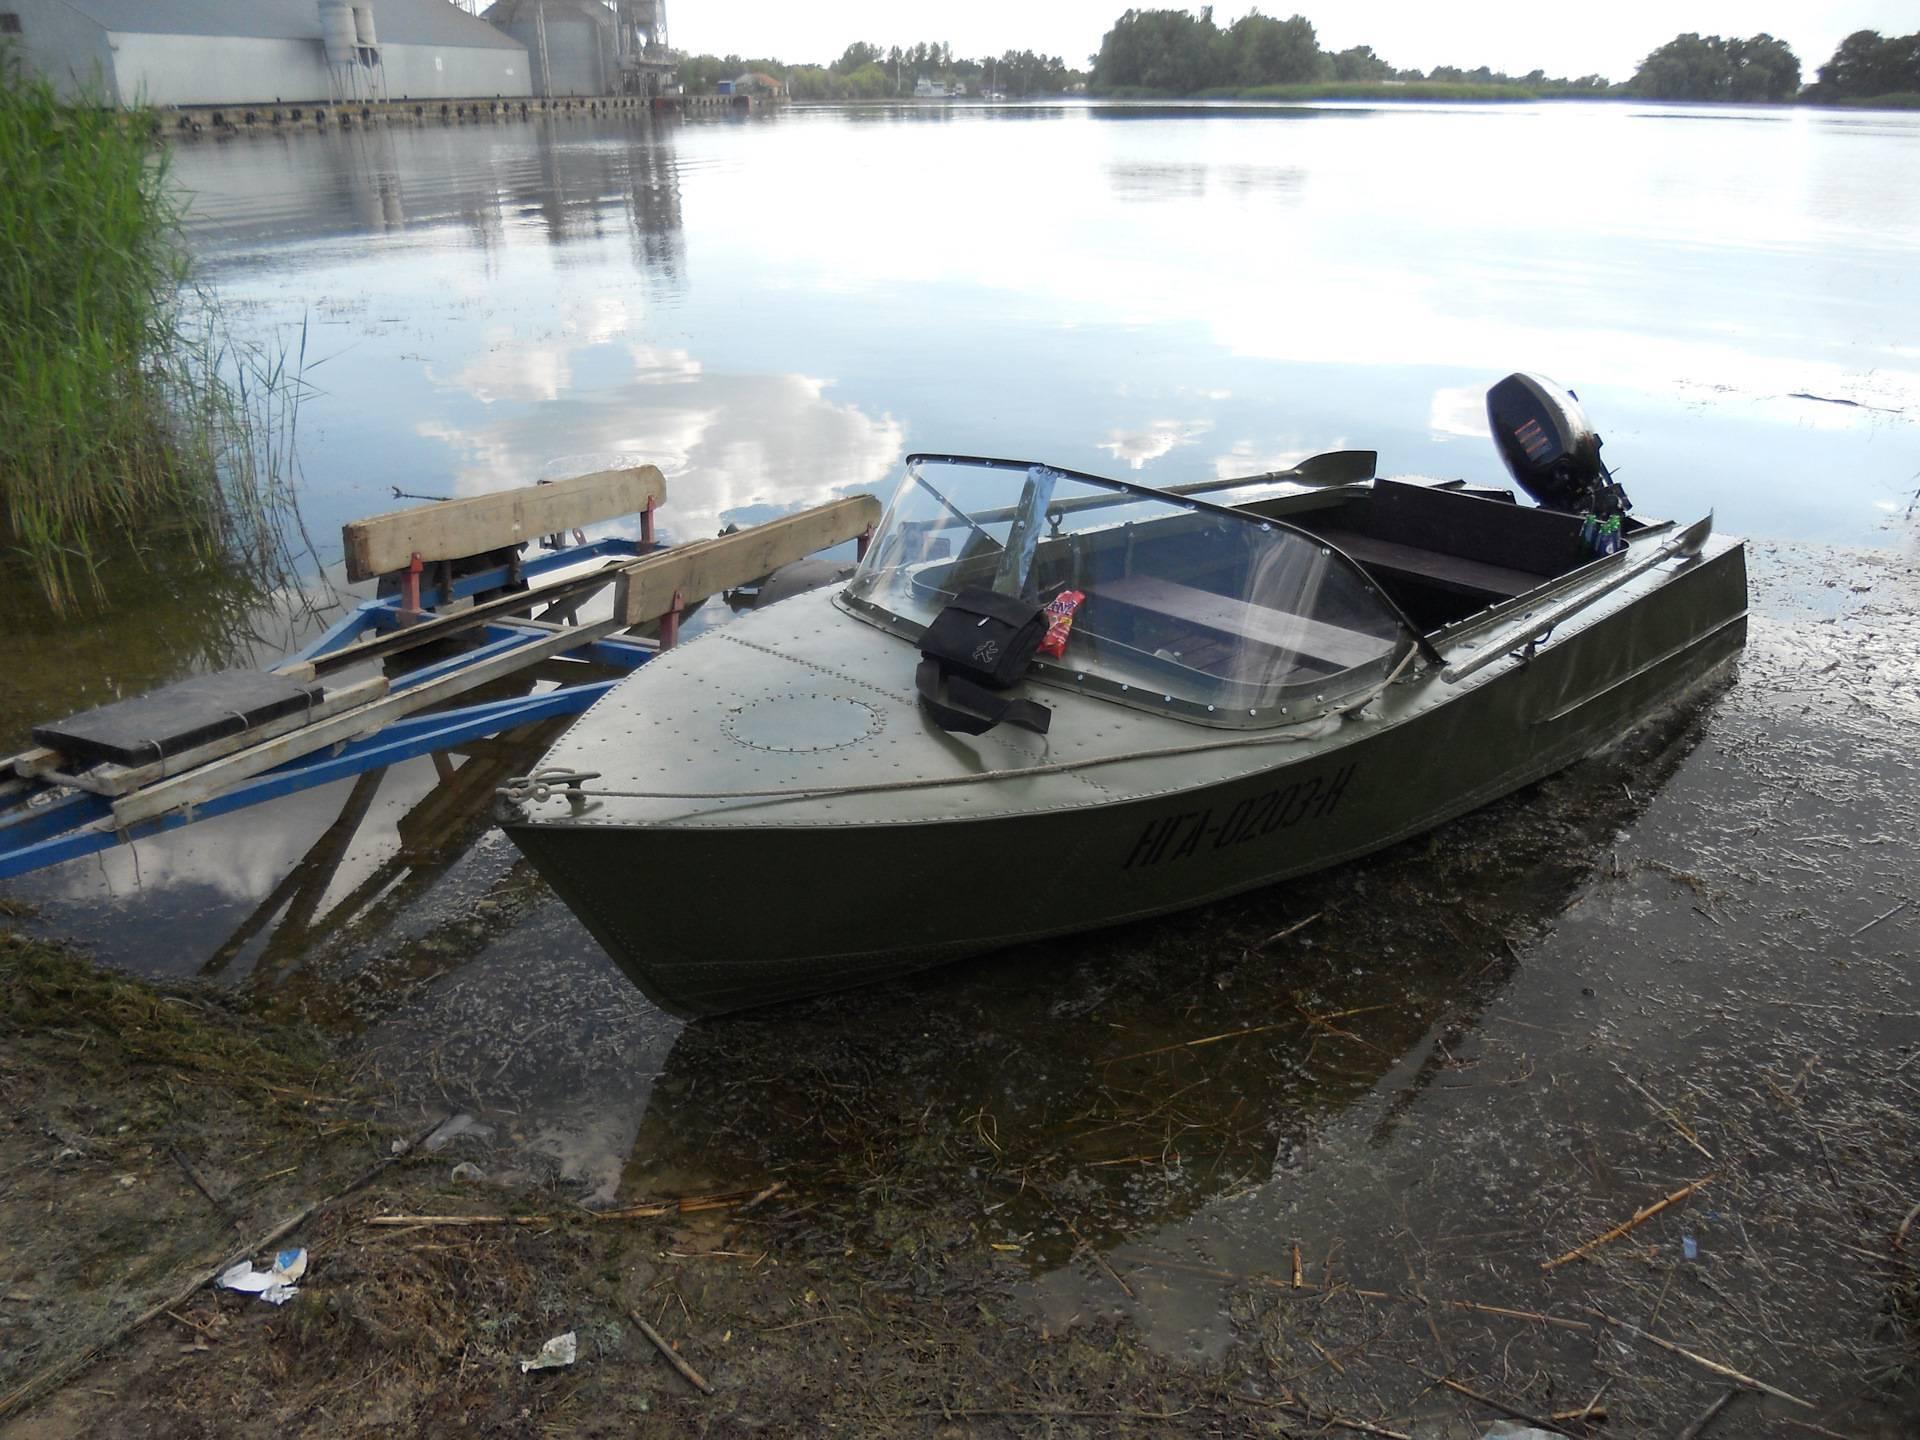 Моторная лодка салют: характеристики, комплектация, отзывы владельцев